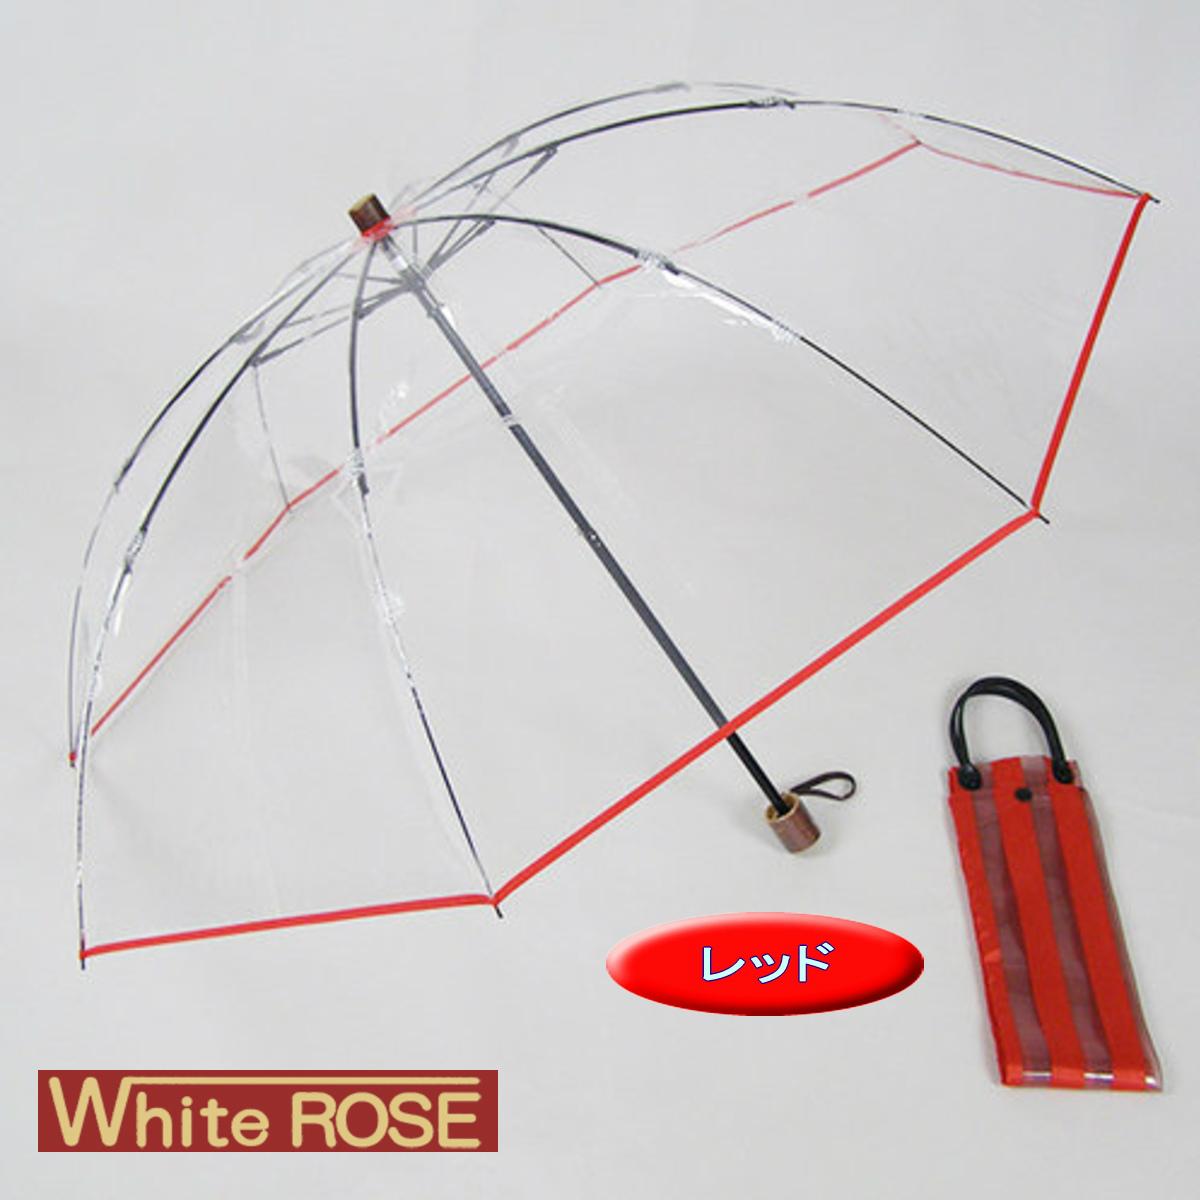 ホワイトローズ 折りたたみビニール傘 アメマチ58 天然木手元 逆支弁 8本骨 レッド 2WAY傘袋 日本製